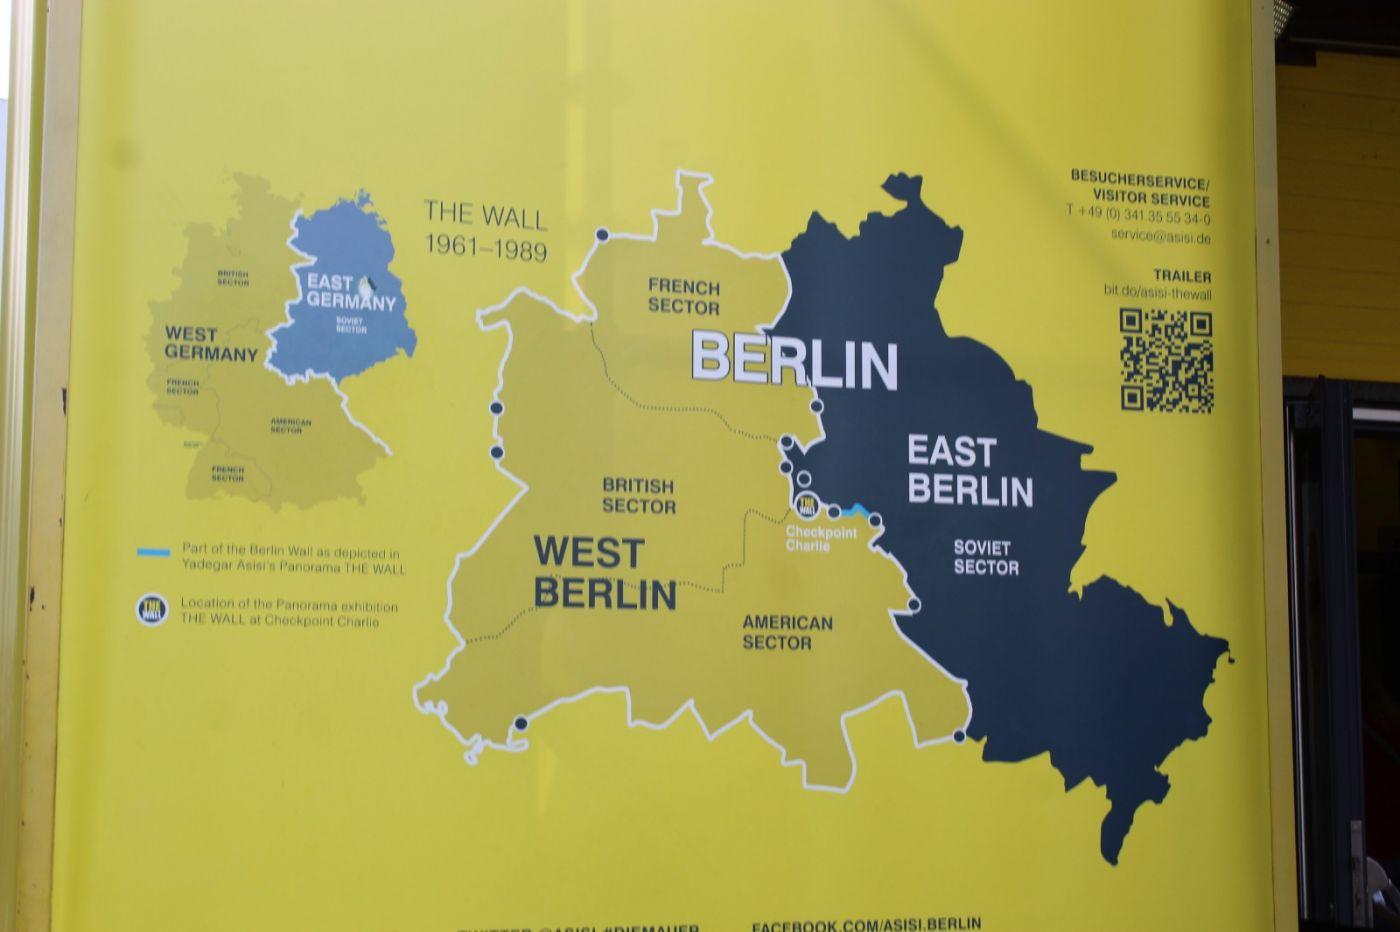 柏林之印象_图1-5